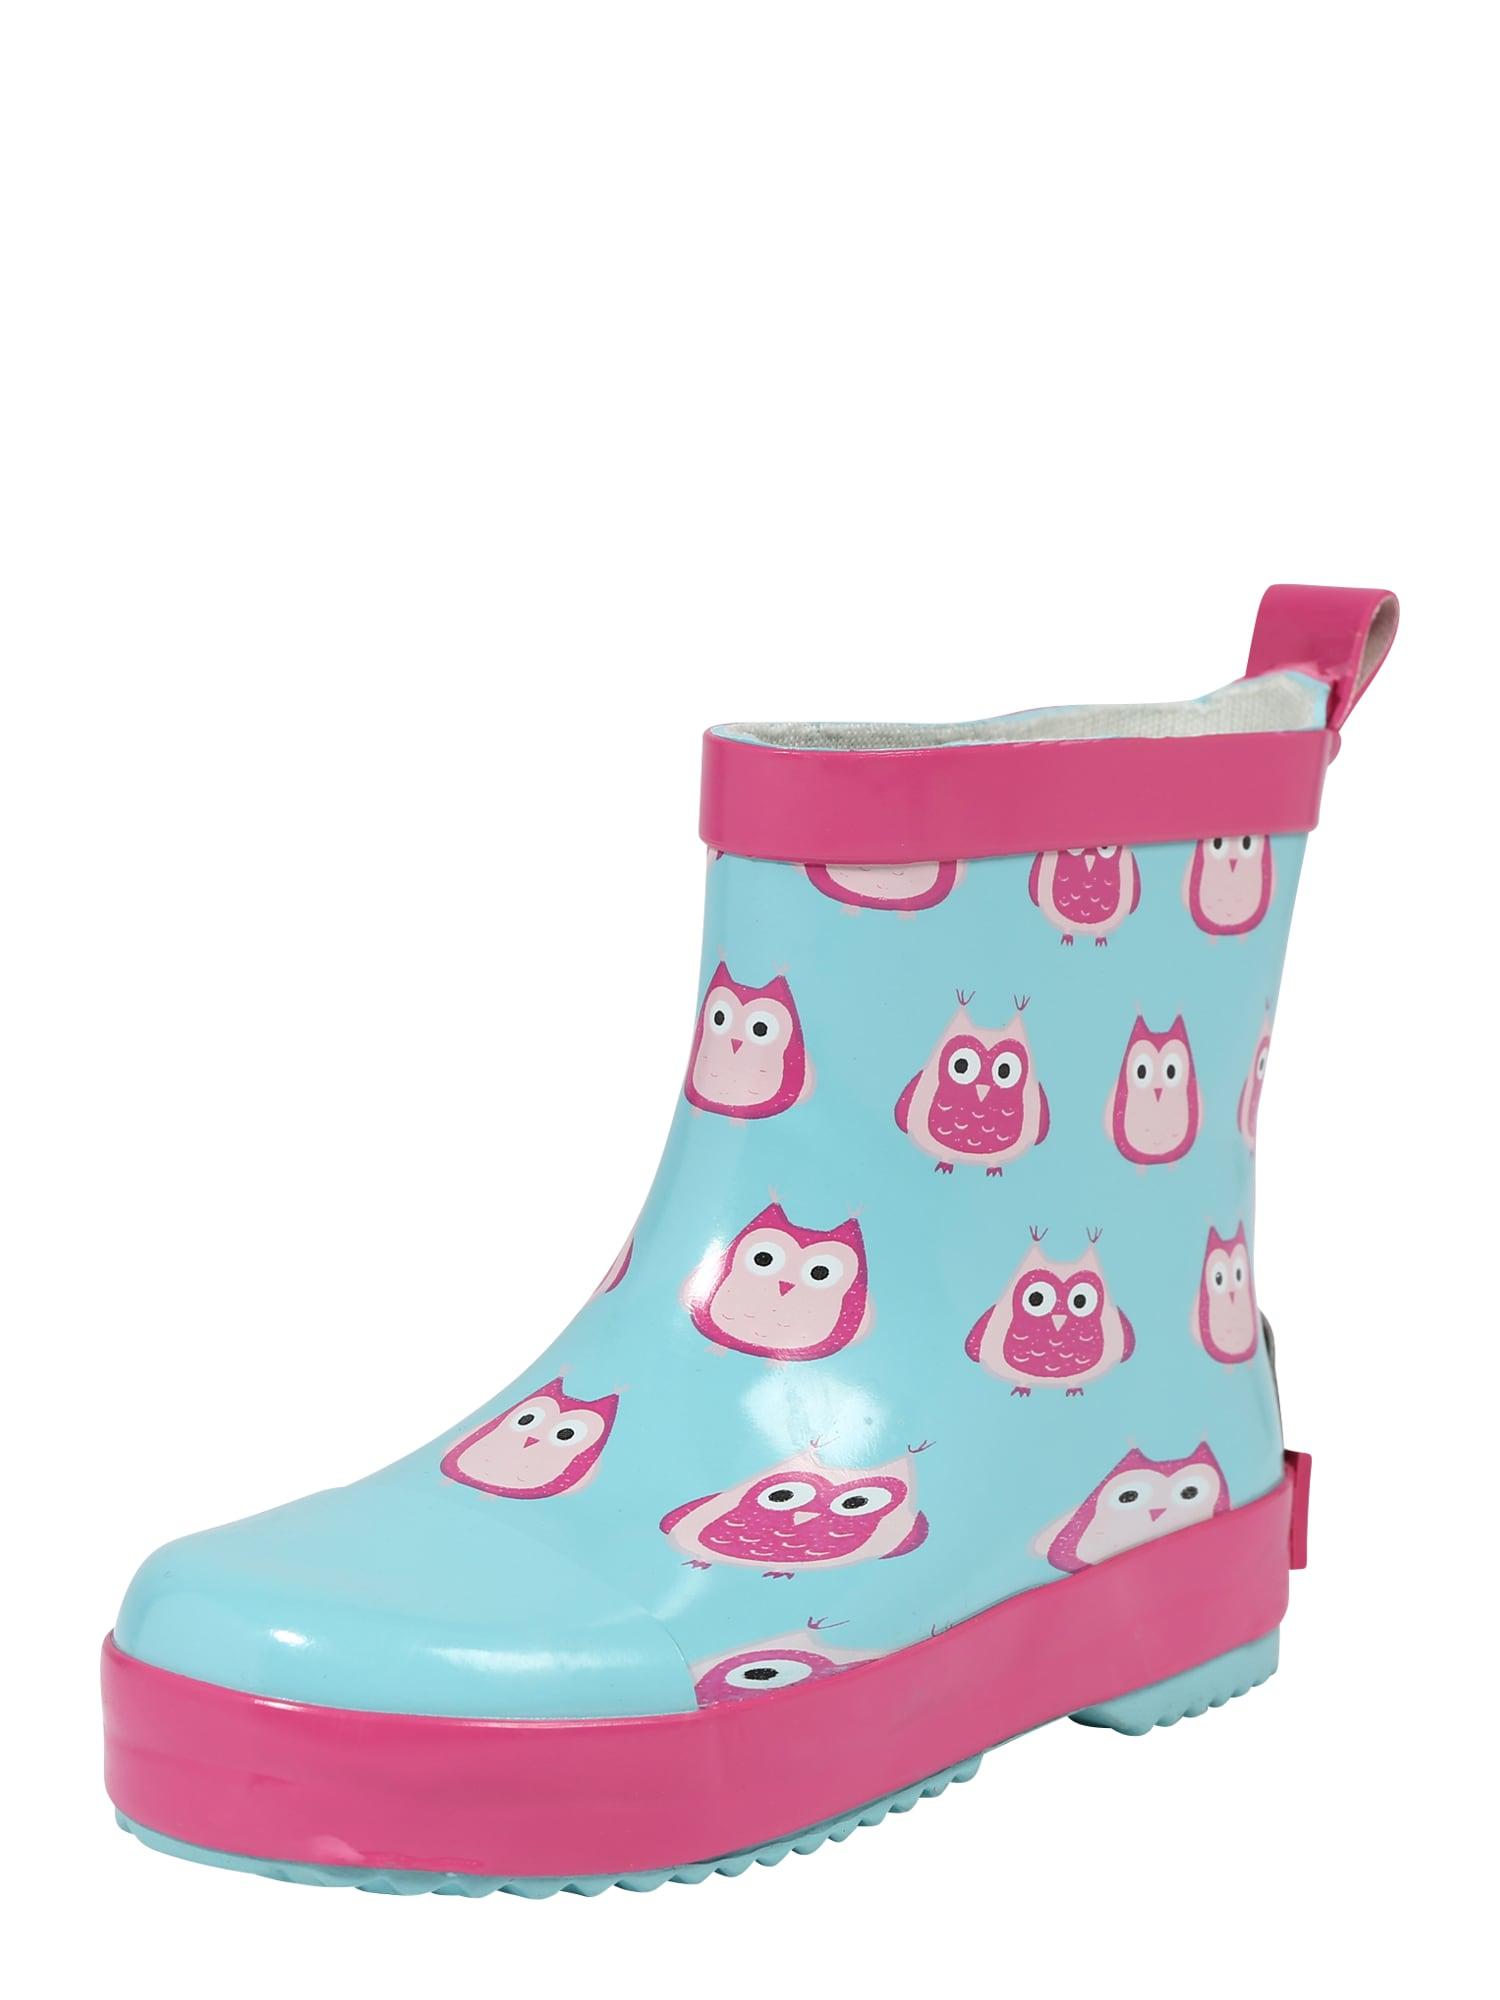 PLAYSHOES Guminiai batai balta / juoda / rožinė / rožių spalva / turkio spalva